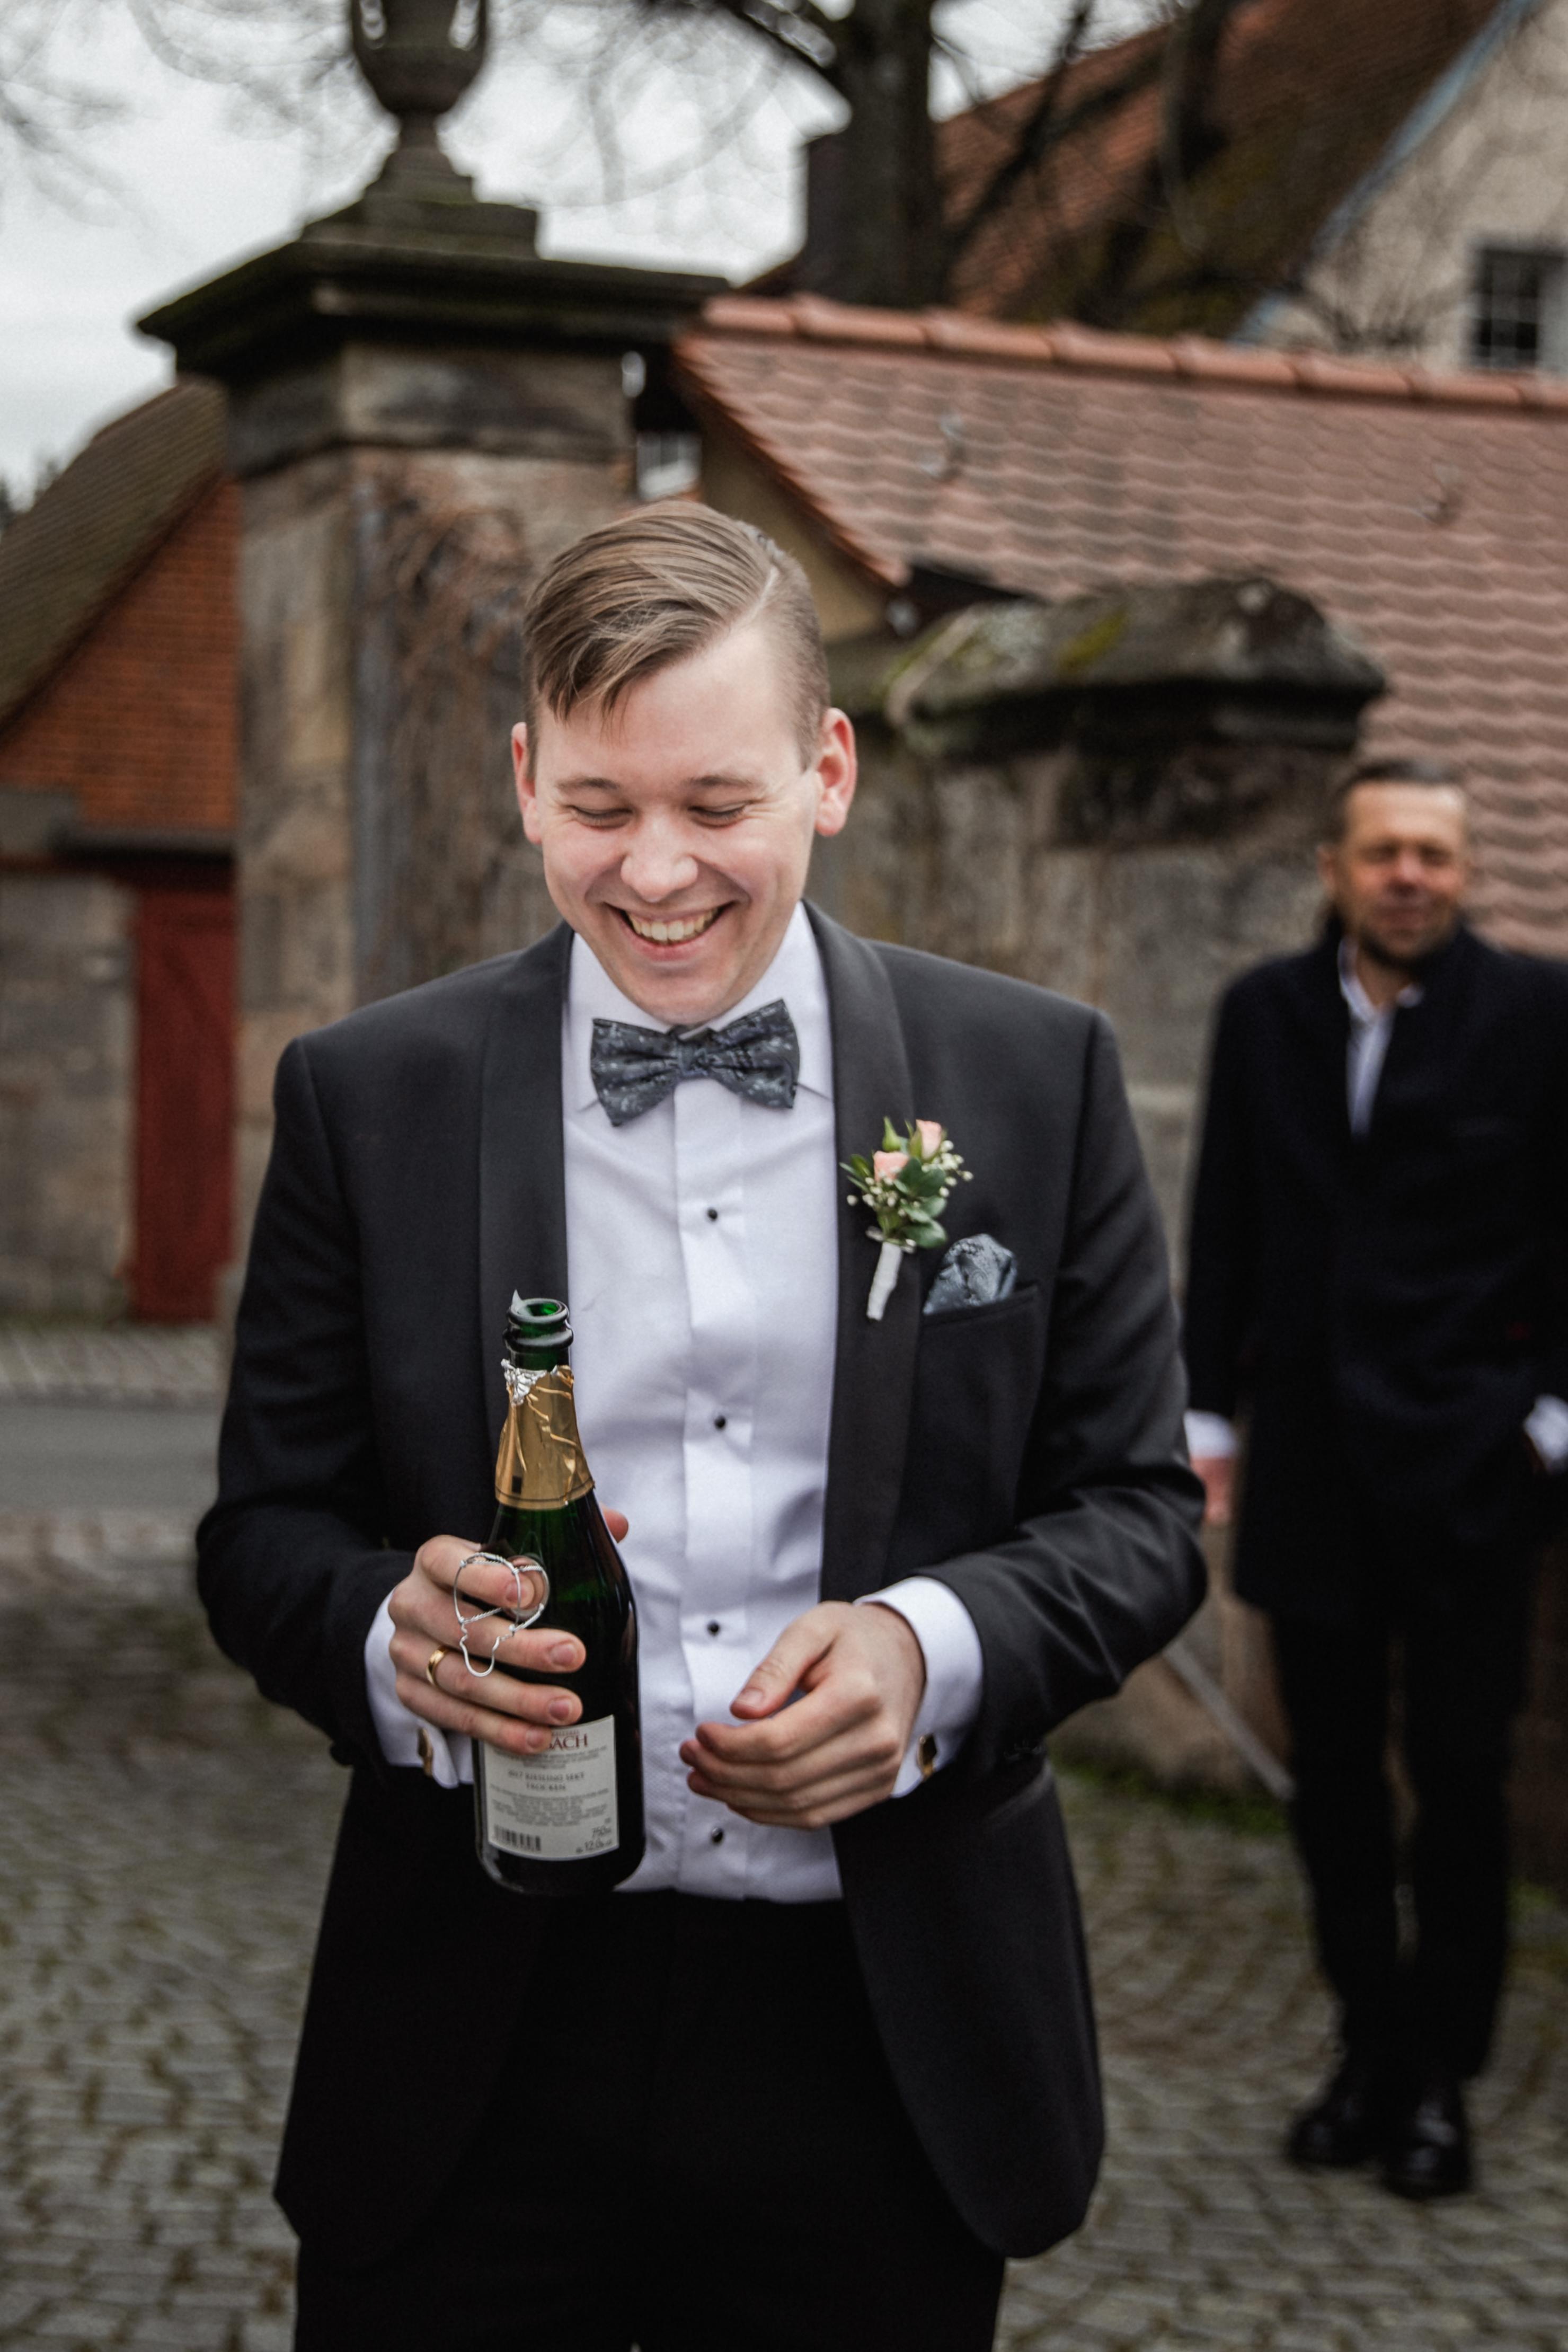 Hochzeitsfotograf-Grossgruendlach-Standesamt-Hallerschloss-Urbanerie-Stazija-und-Michael-056